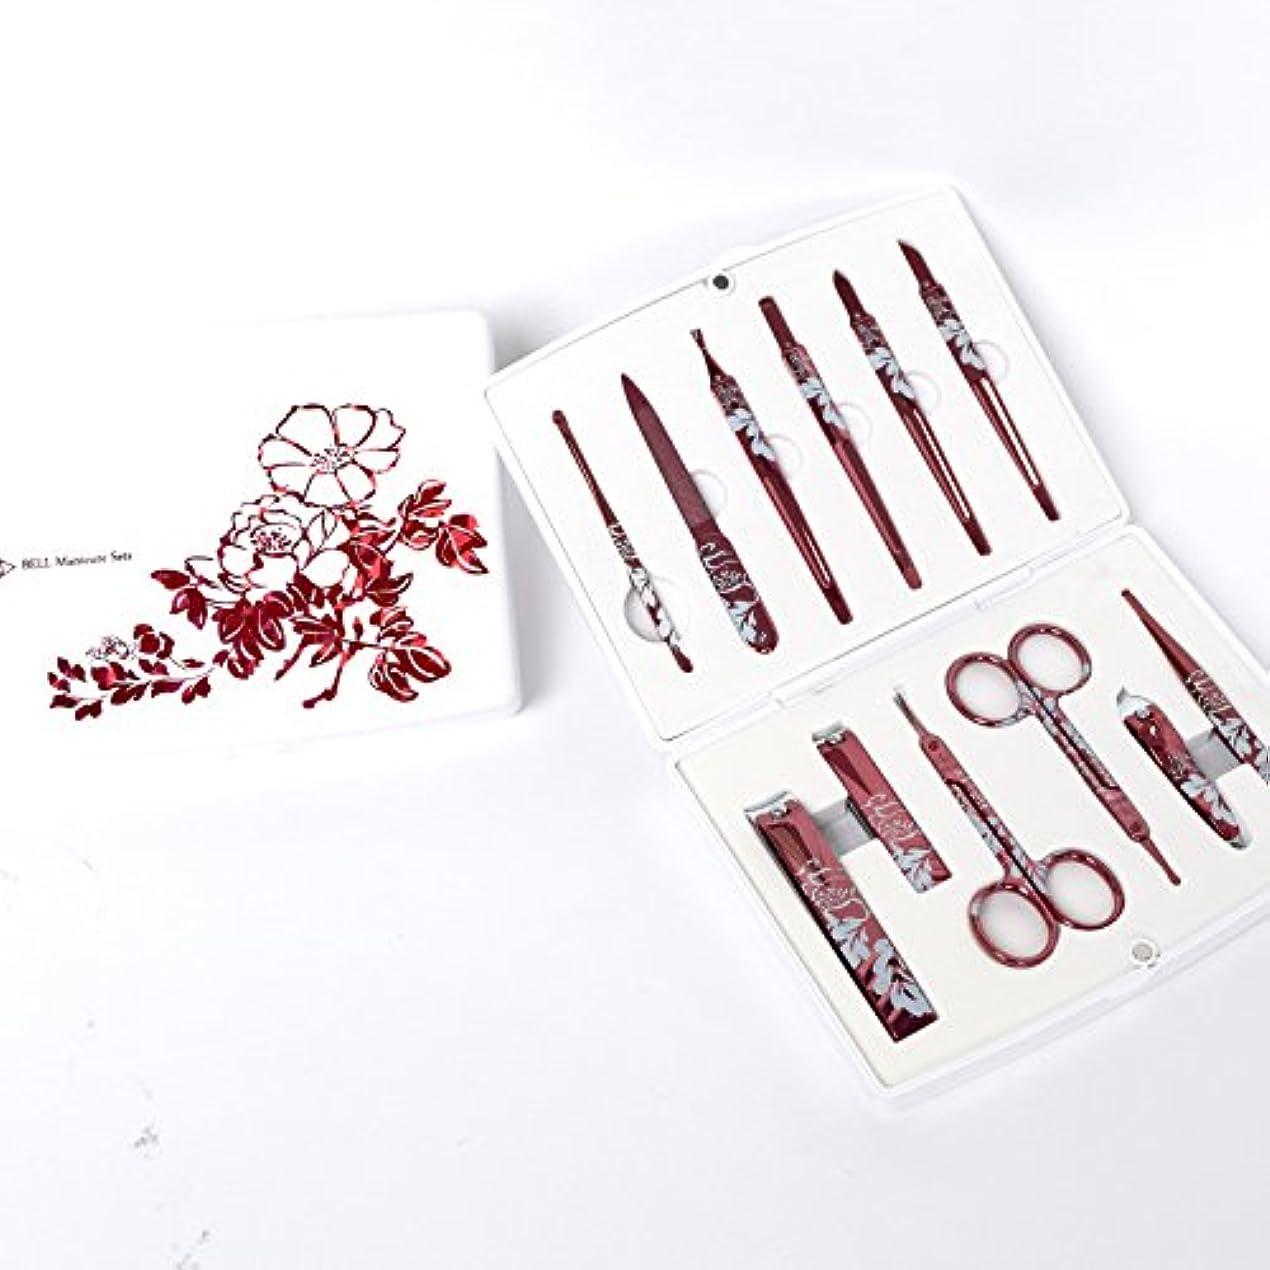 象推進力文献BELL Manicure Sets BM-500A ポータブル爪の管理セット 爪切りセット 高品質のネイルケアセット高級感のある東洋画のデザイン Portable Nail Clippers Nail Care Set